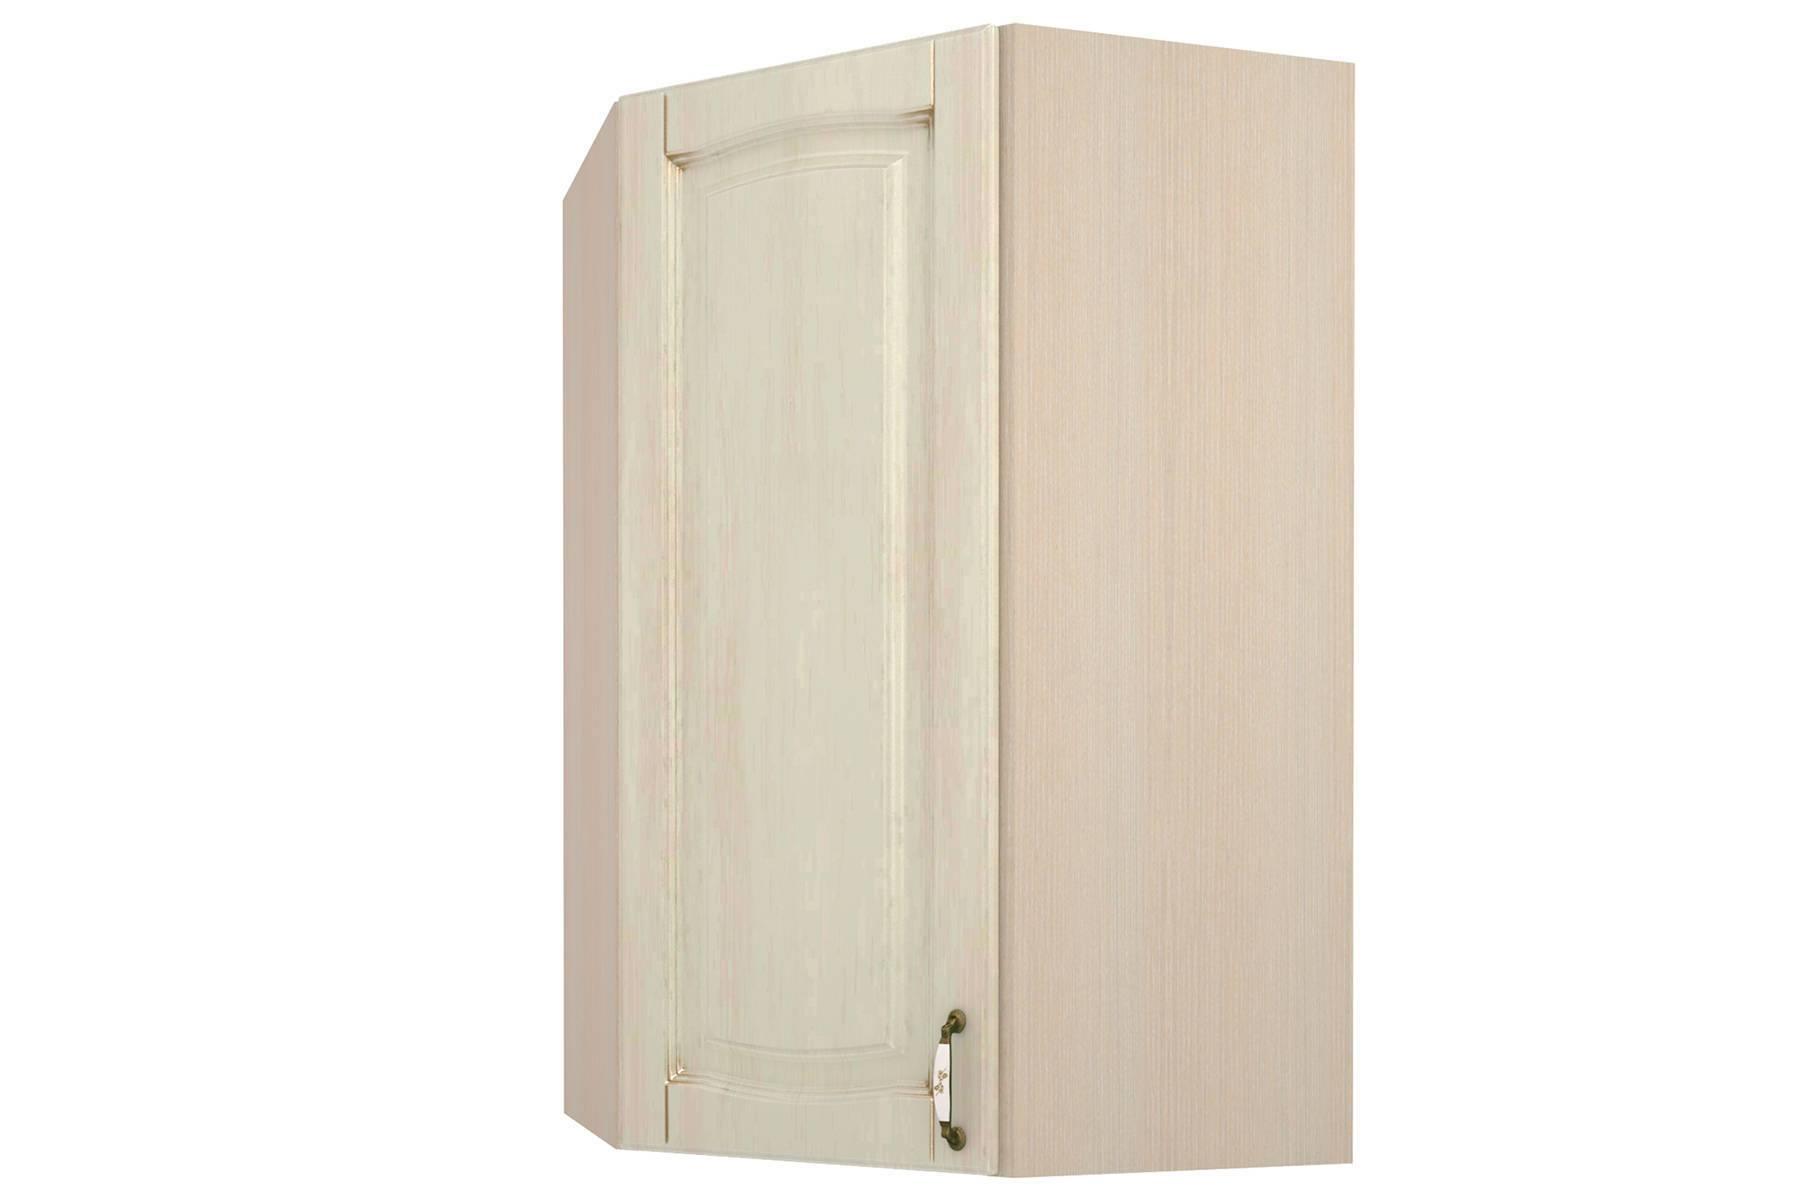 Равенна шкаф угловой-сушка Н-96 равенна шкаф сушка 80 н 96